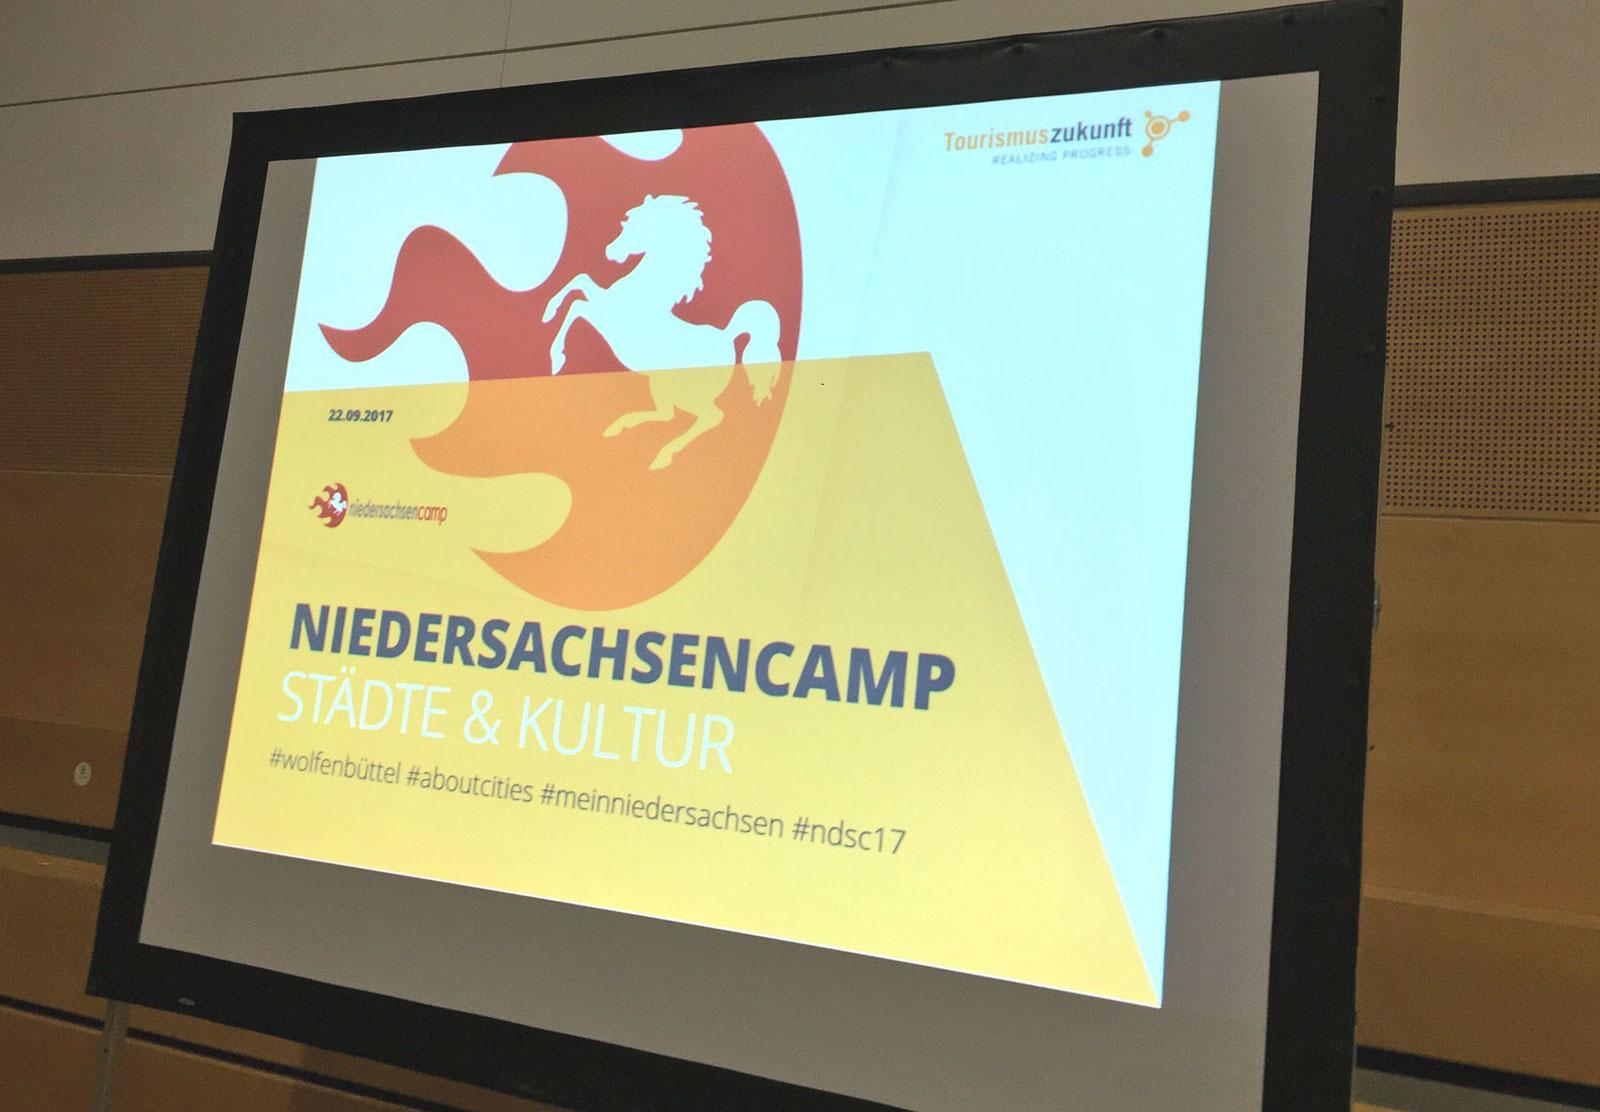 Willkommen beim Niedersachsencamp